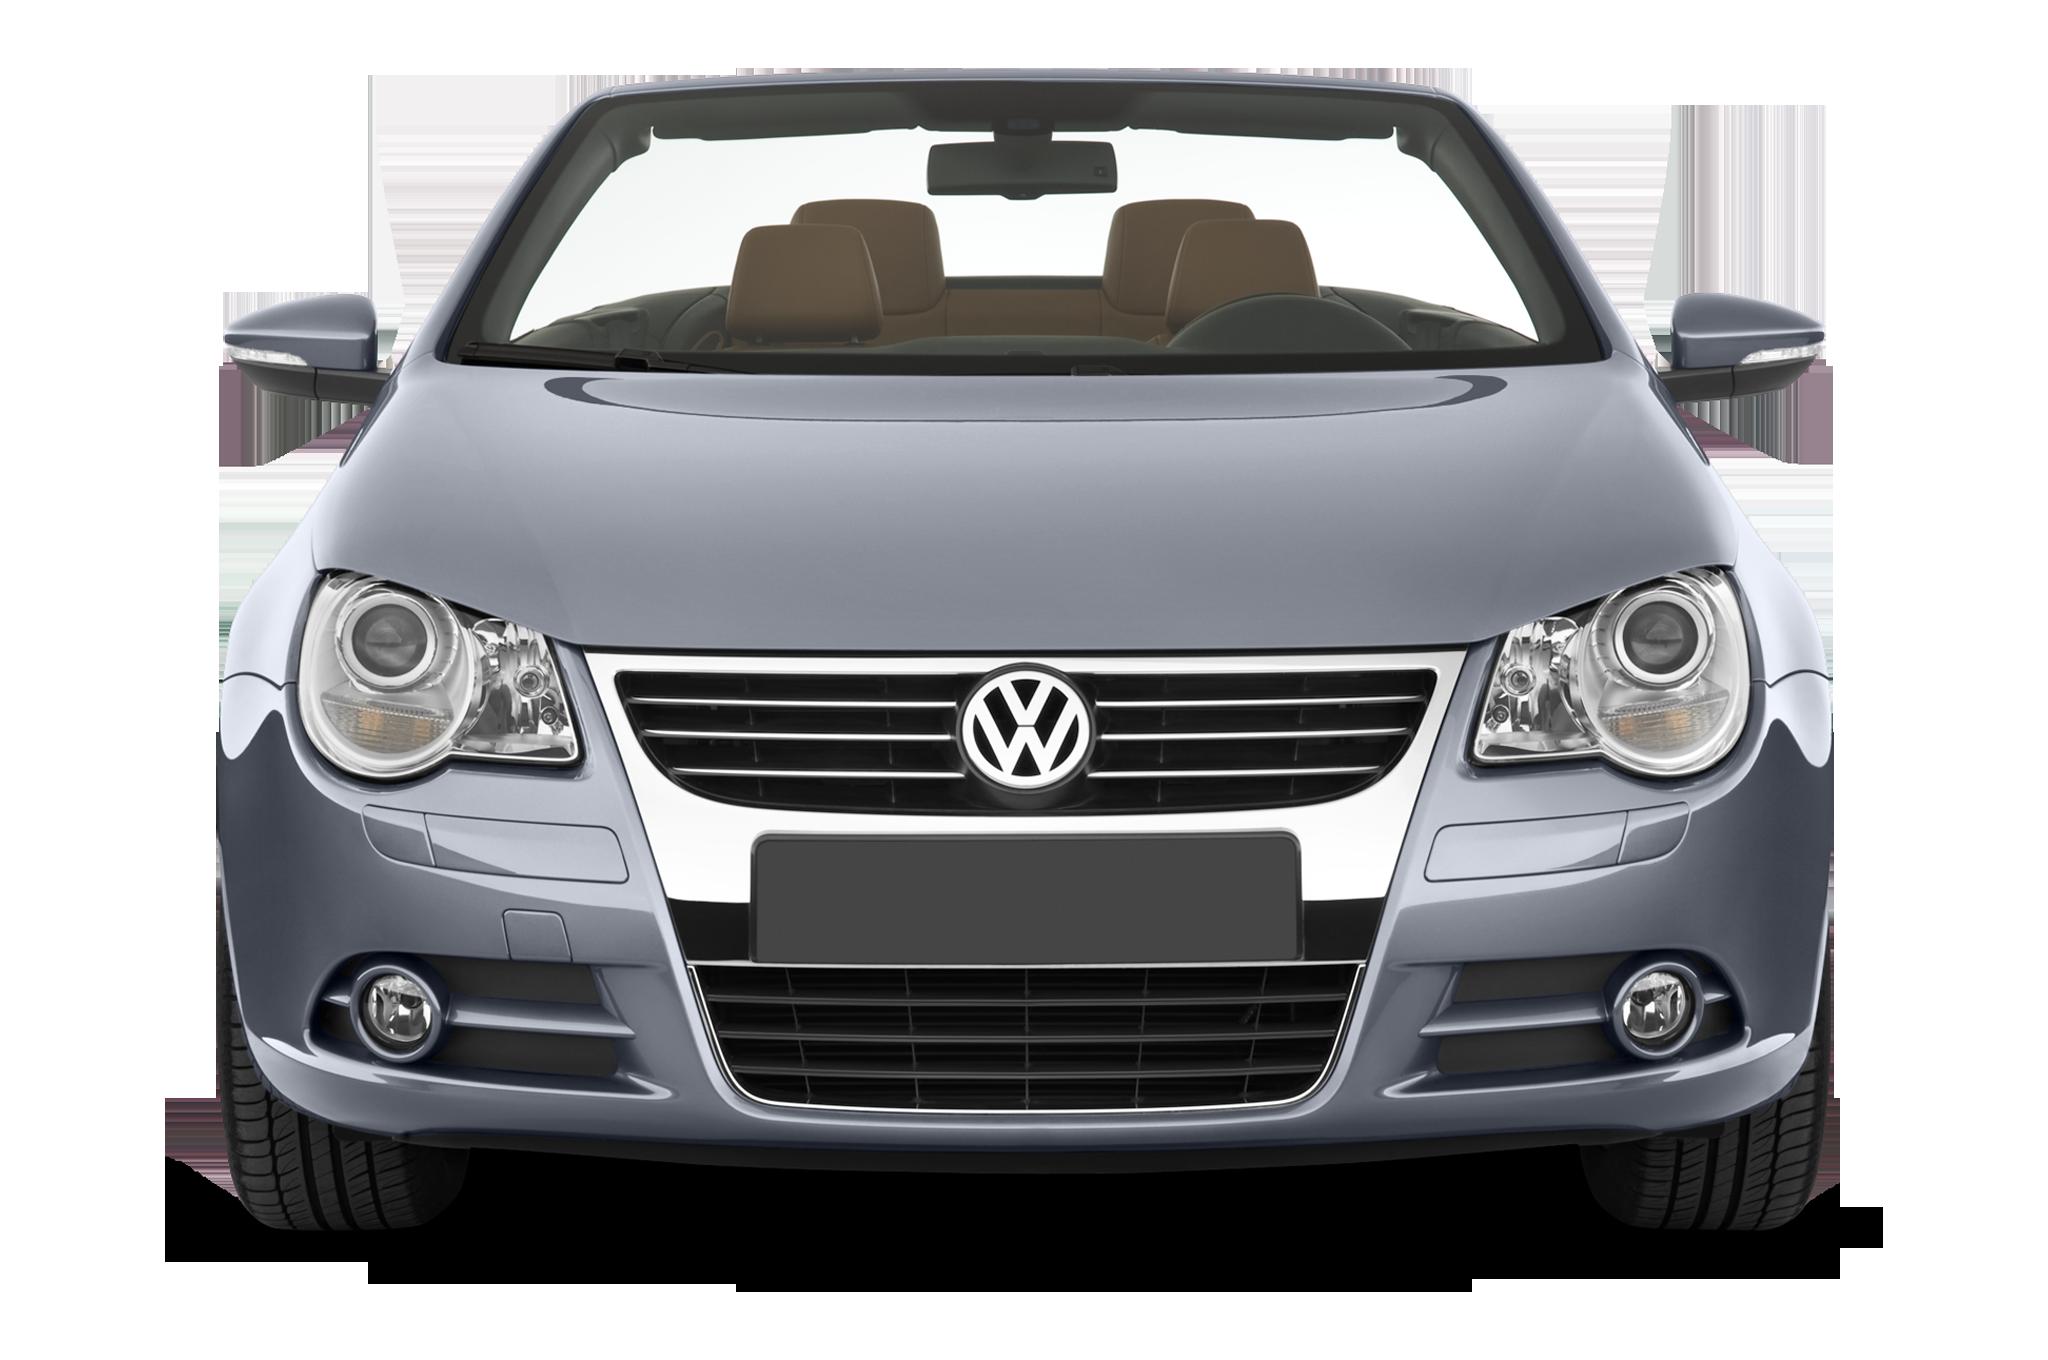 2011 Volkswagen Eos - 2010 Los Angeles Auto Show ...